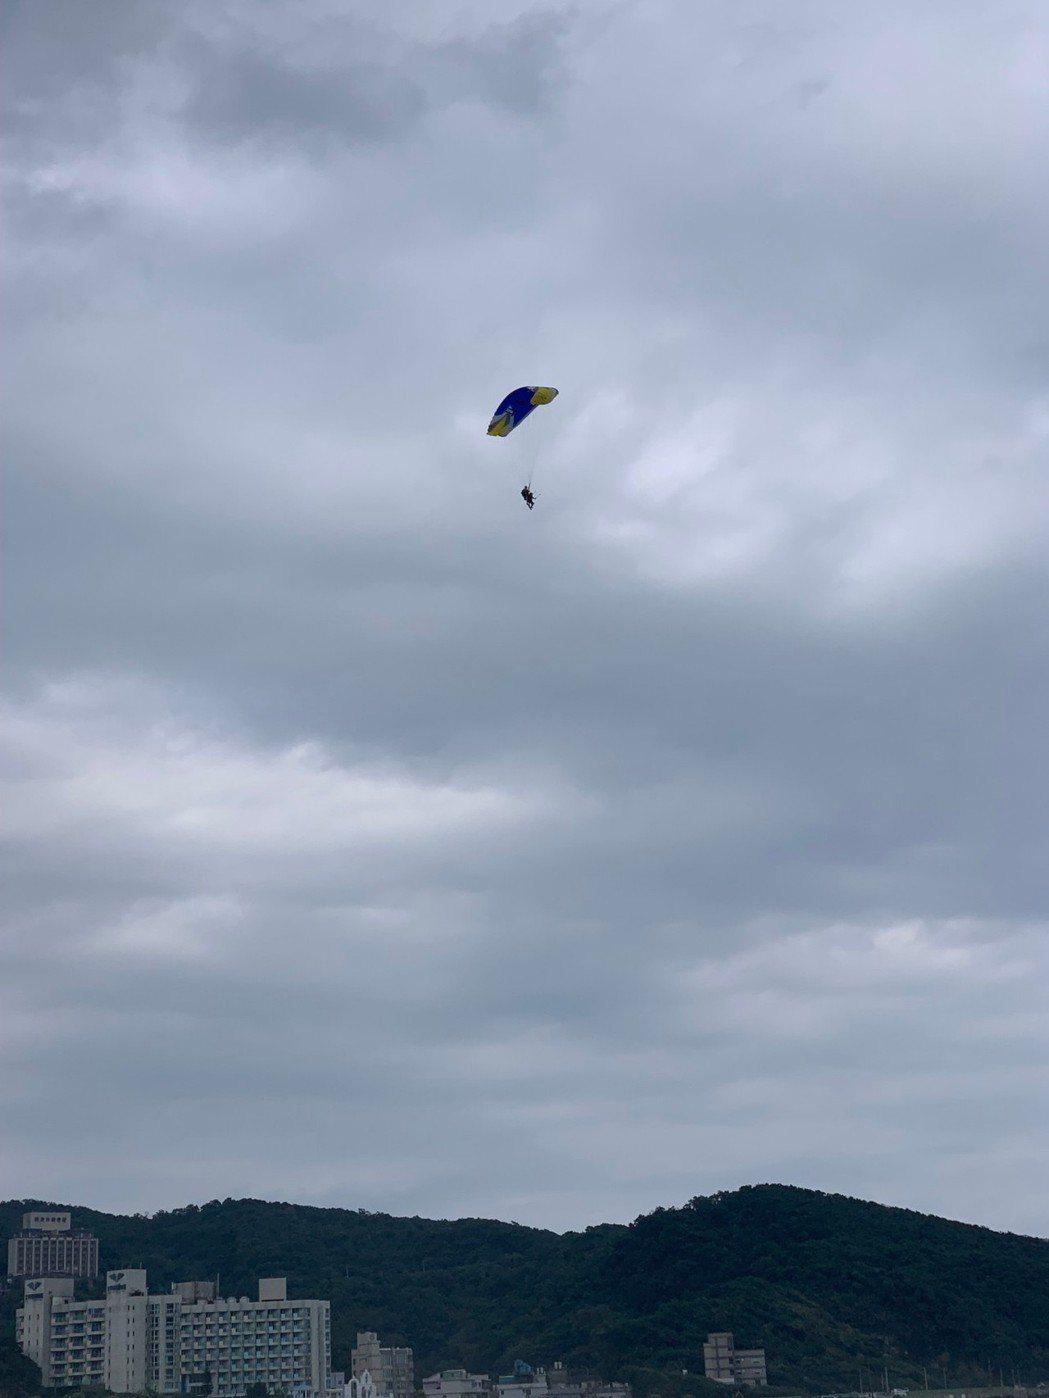 北海岸飛行傘業者遭稽查後被認定降落場地不安全,遭勒令停業。記者張睿廷/攝影